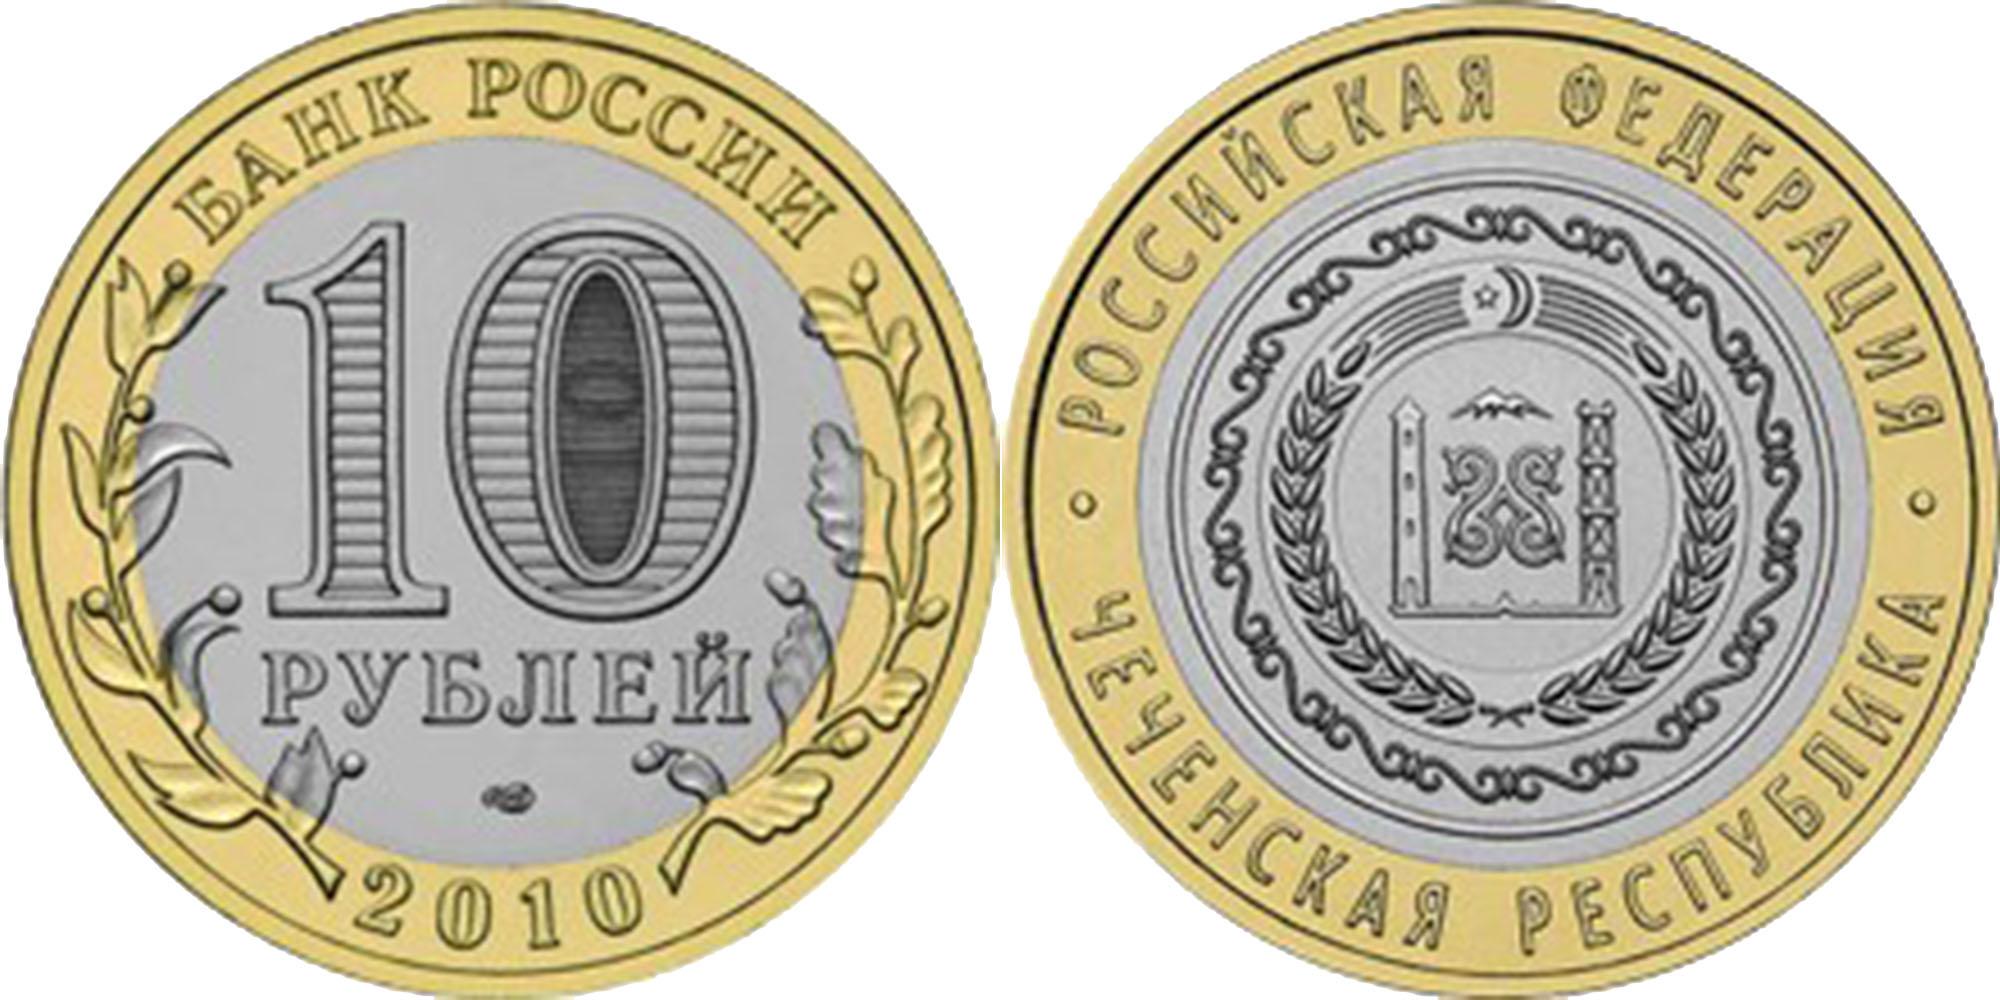 10 рублей Чеченская республика и Ямало-Ненецкий АО